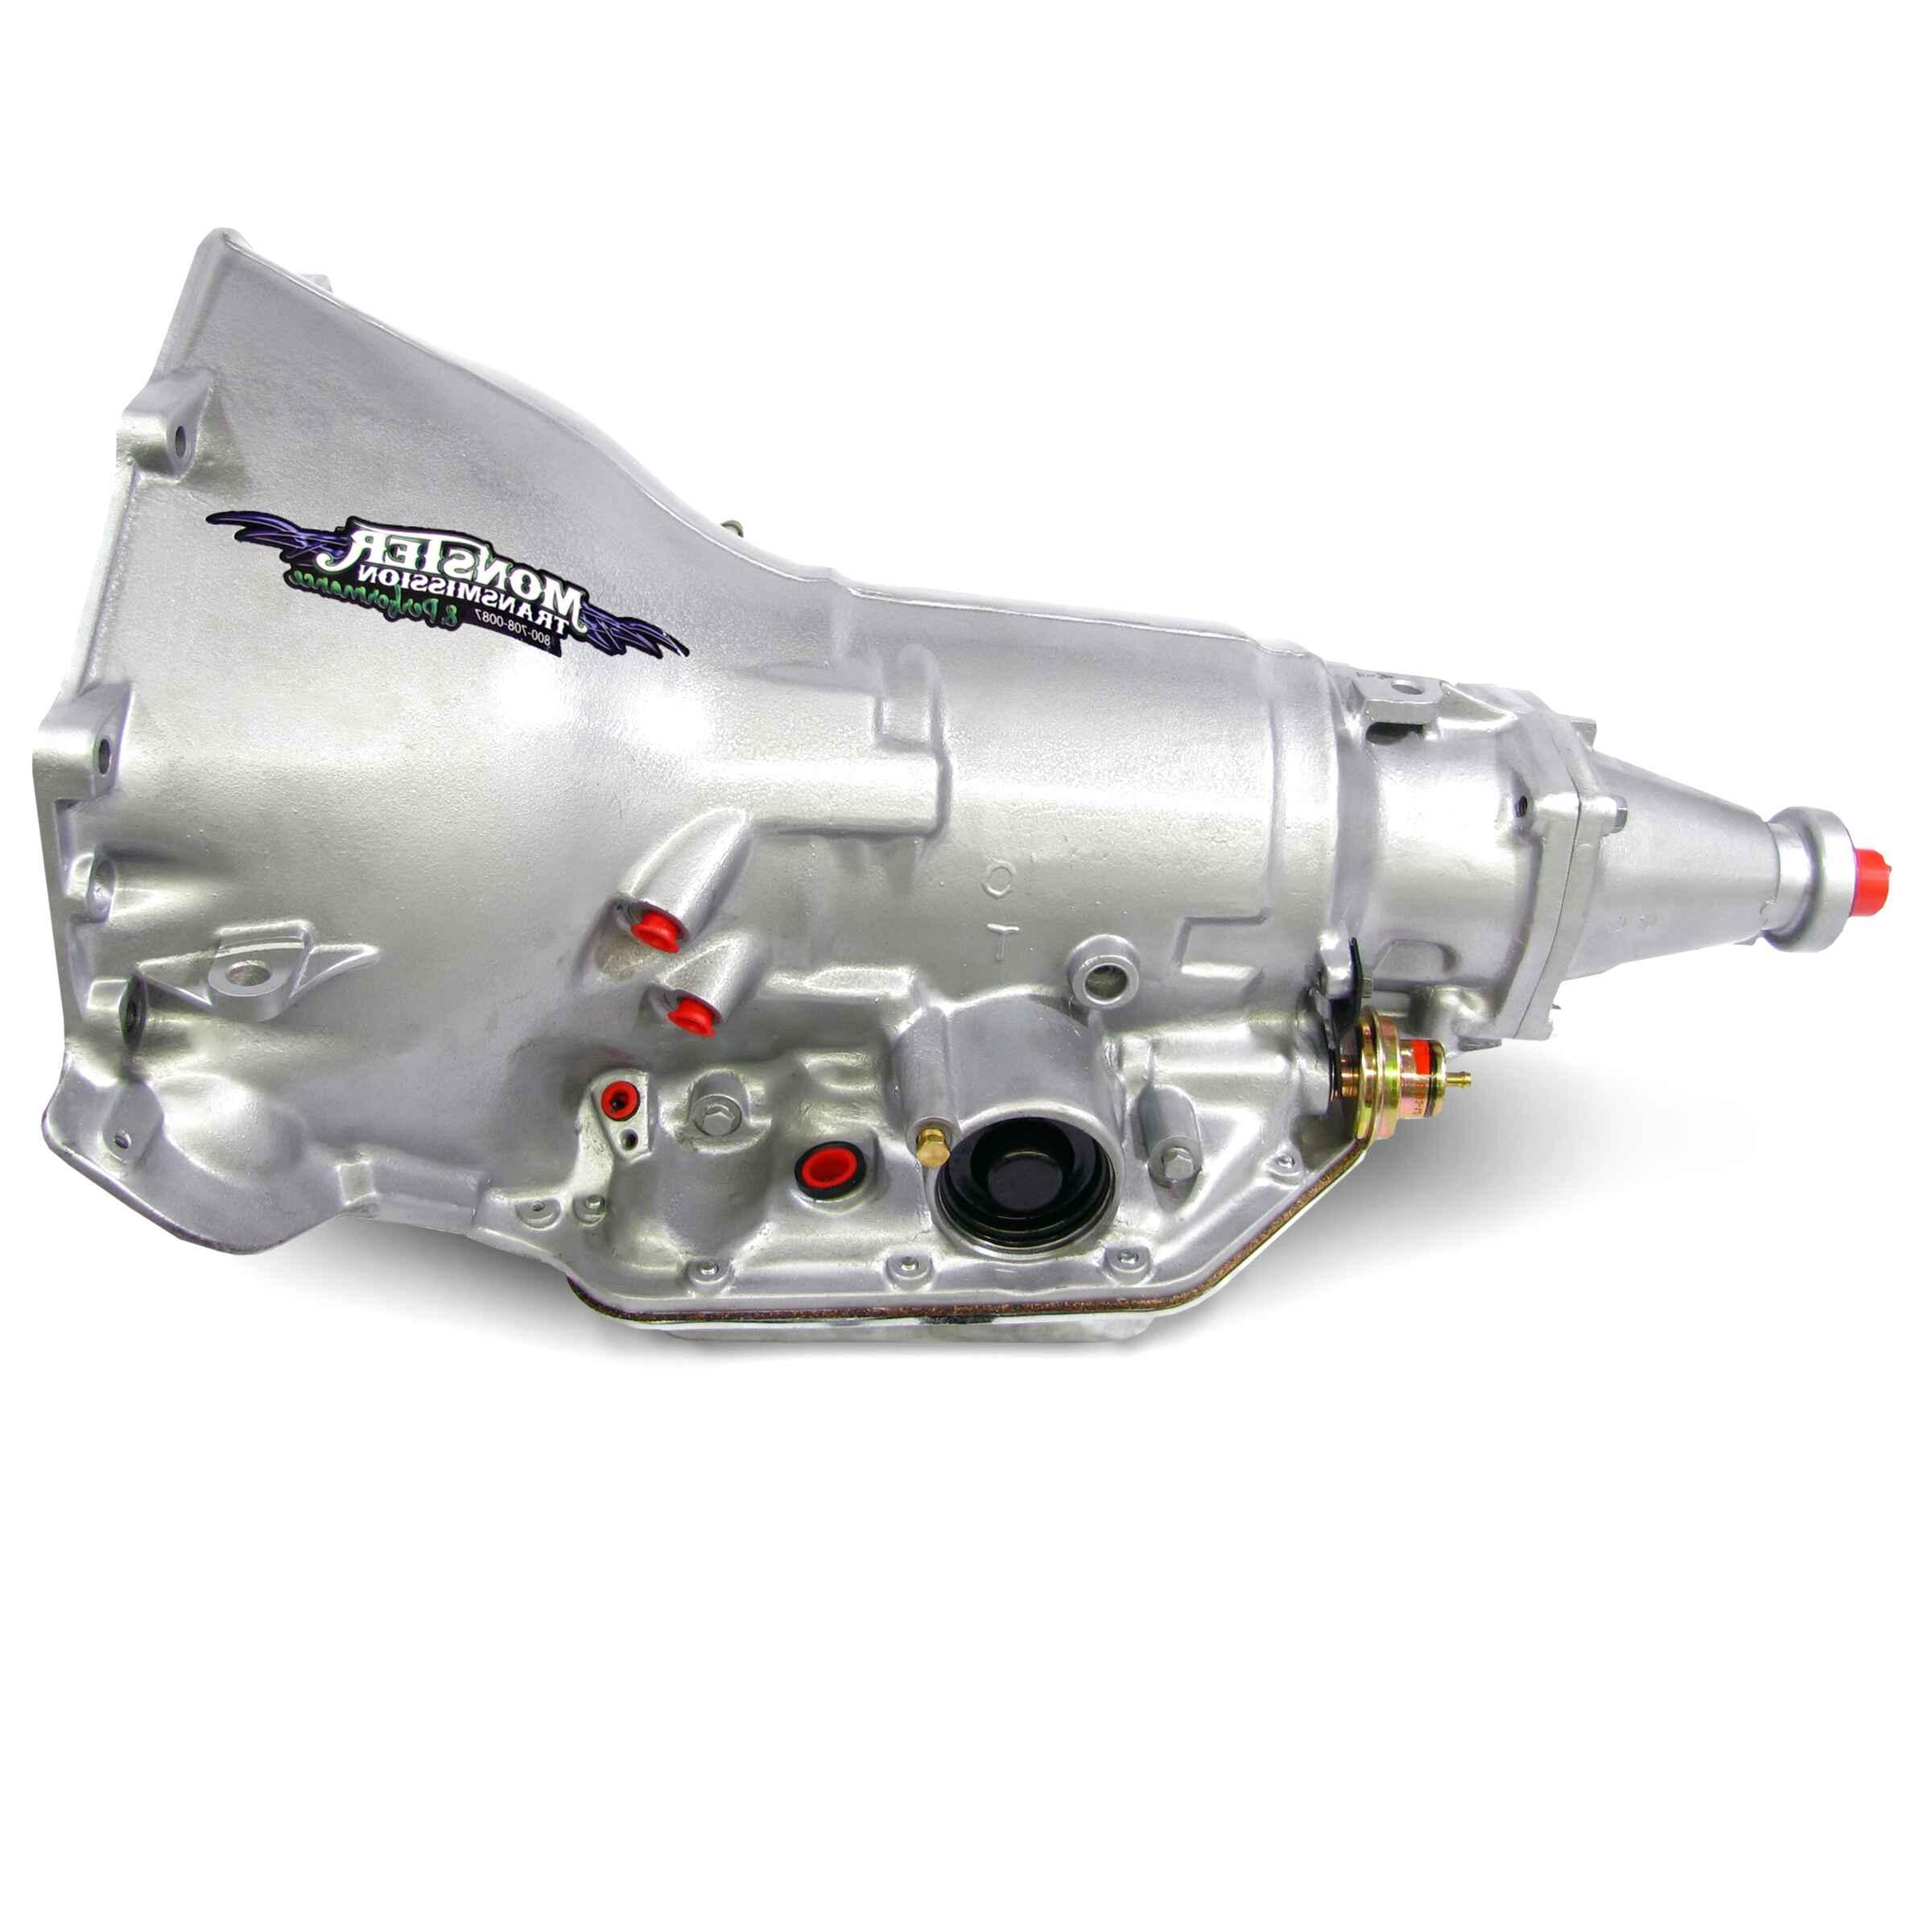 turbo 350 transmission for sale